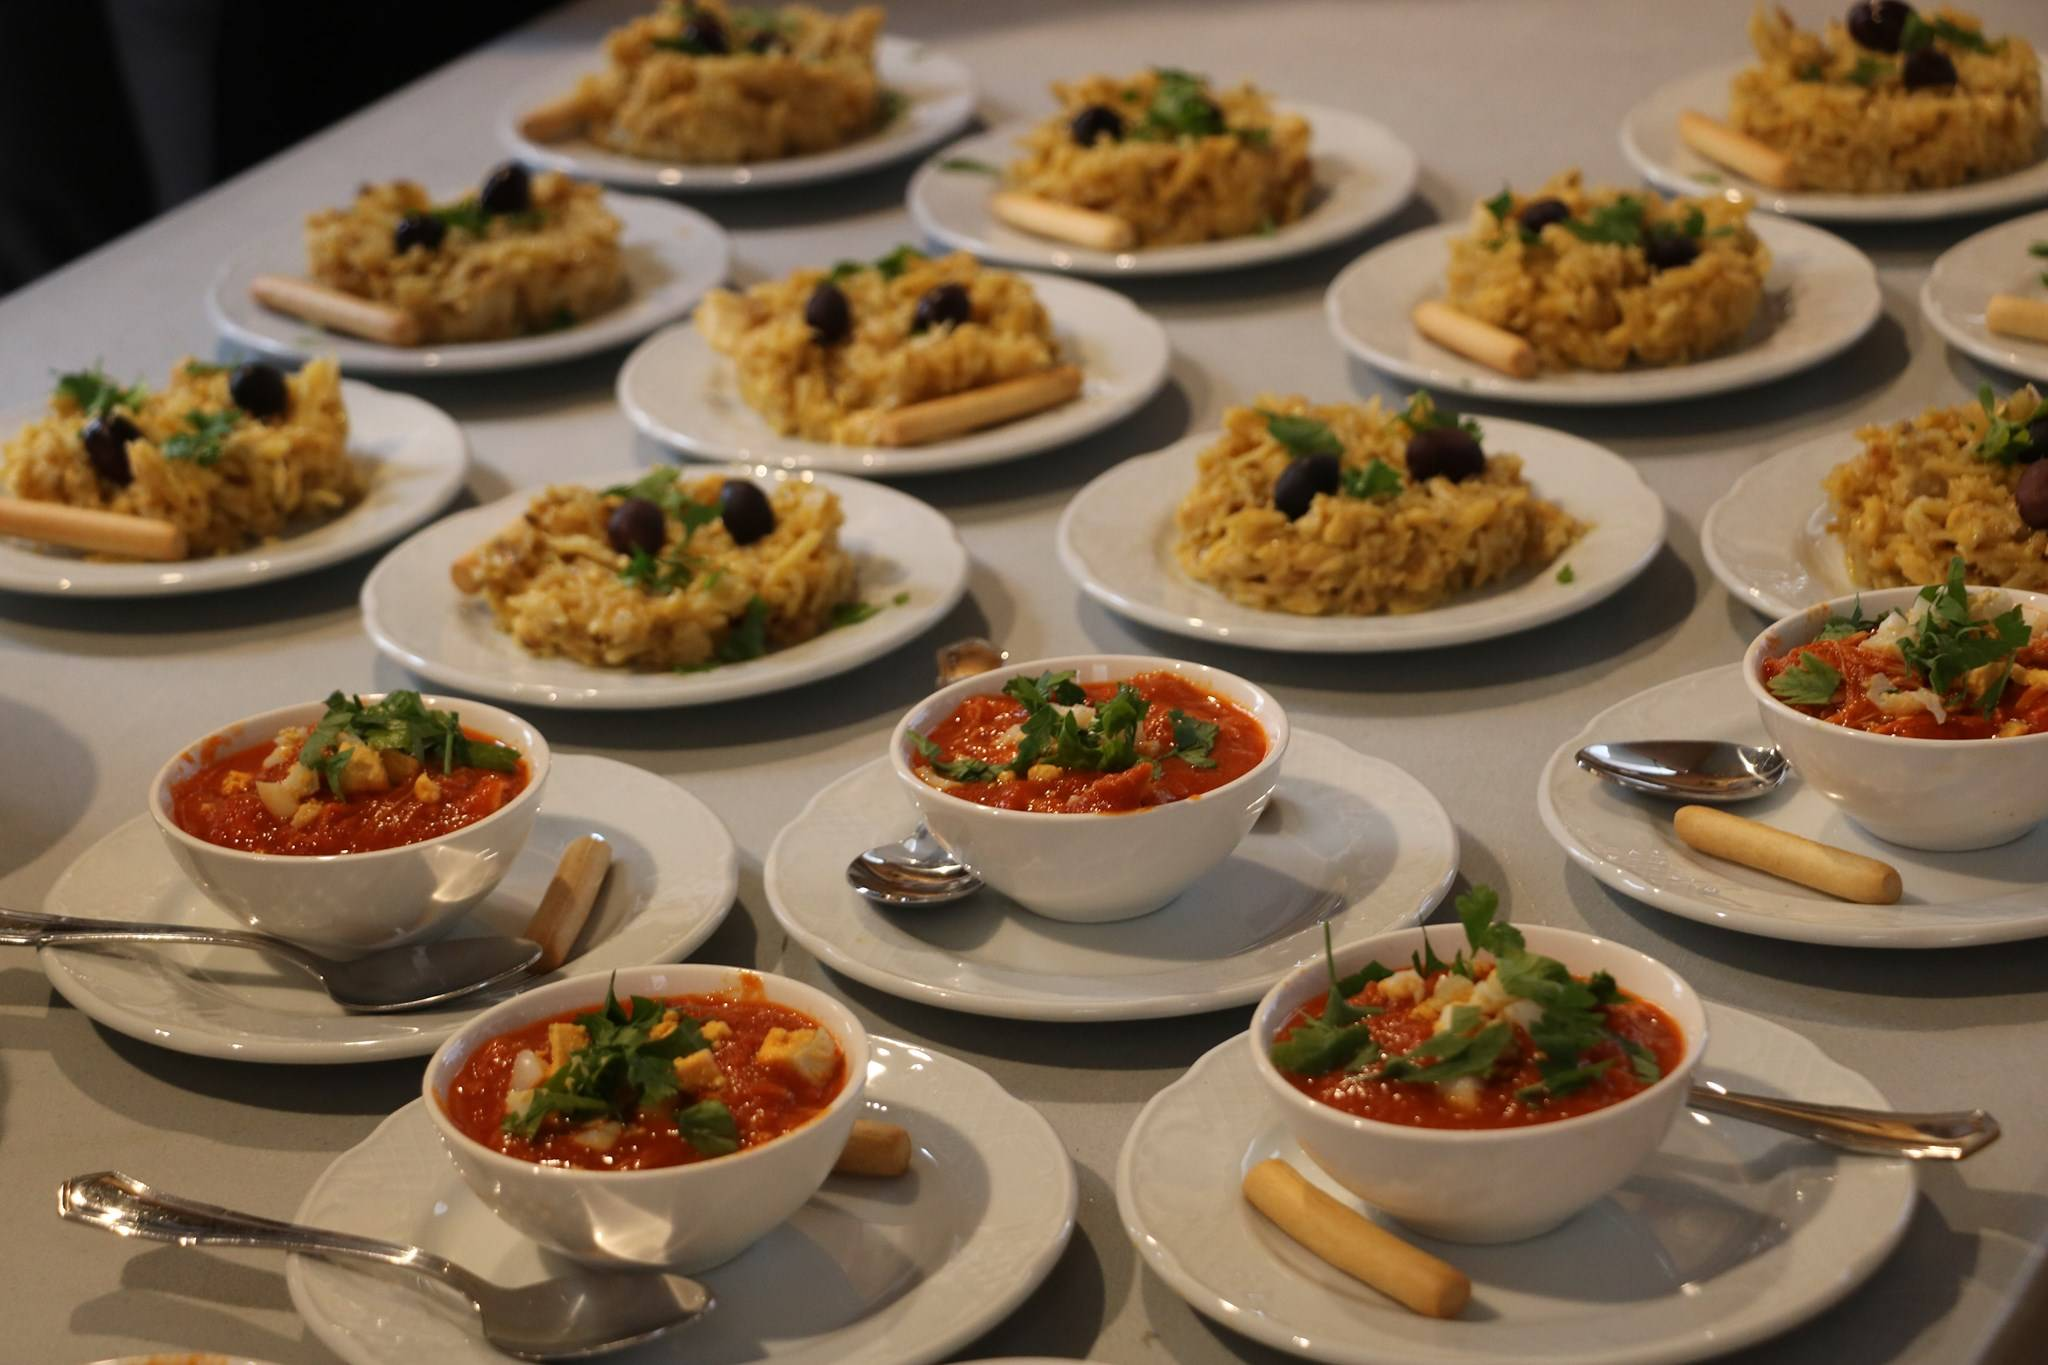 Galeria de Fotos - Mostra Gastronómica de Campo Maior em Badajoz